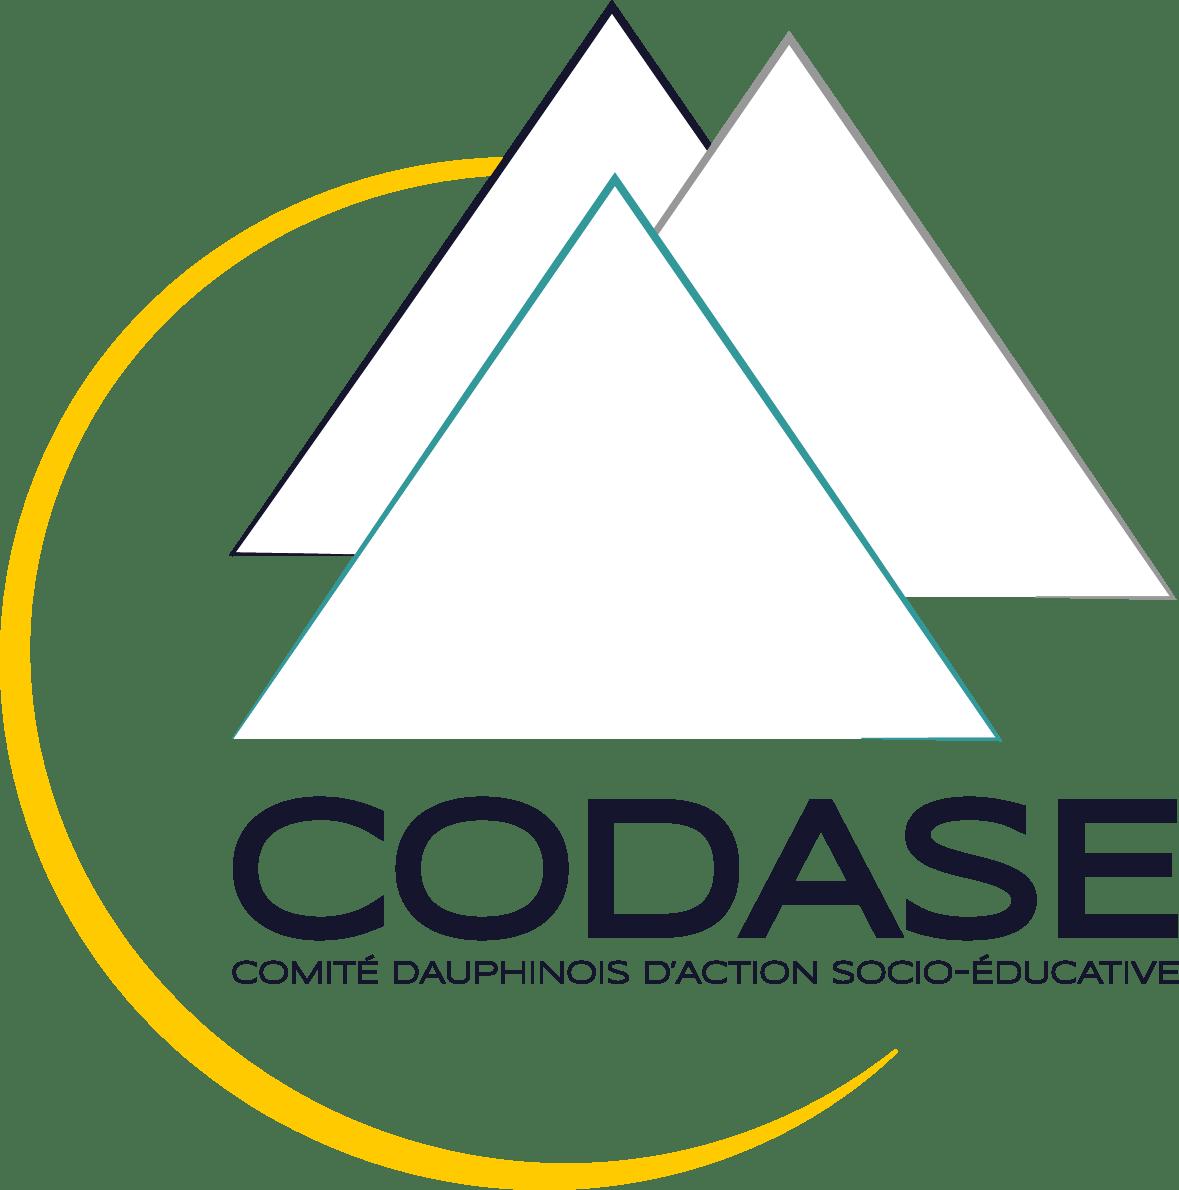 CODASE